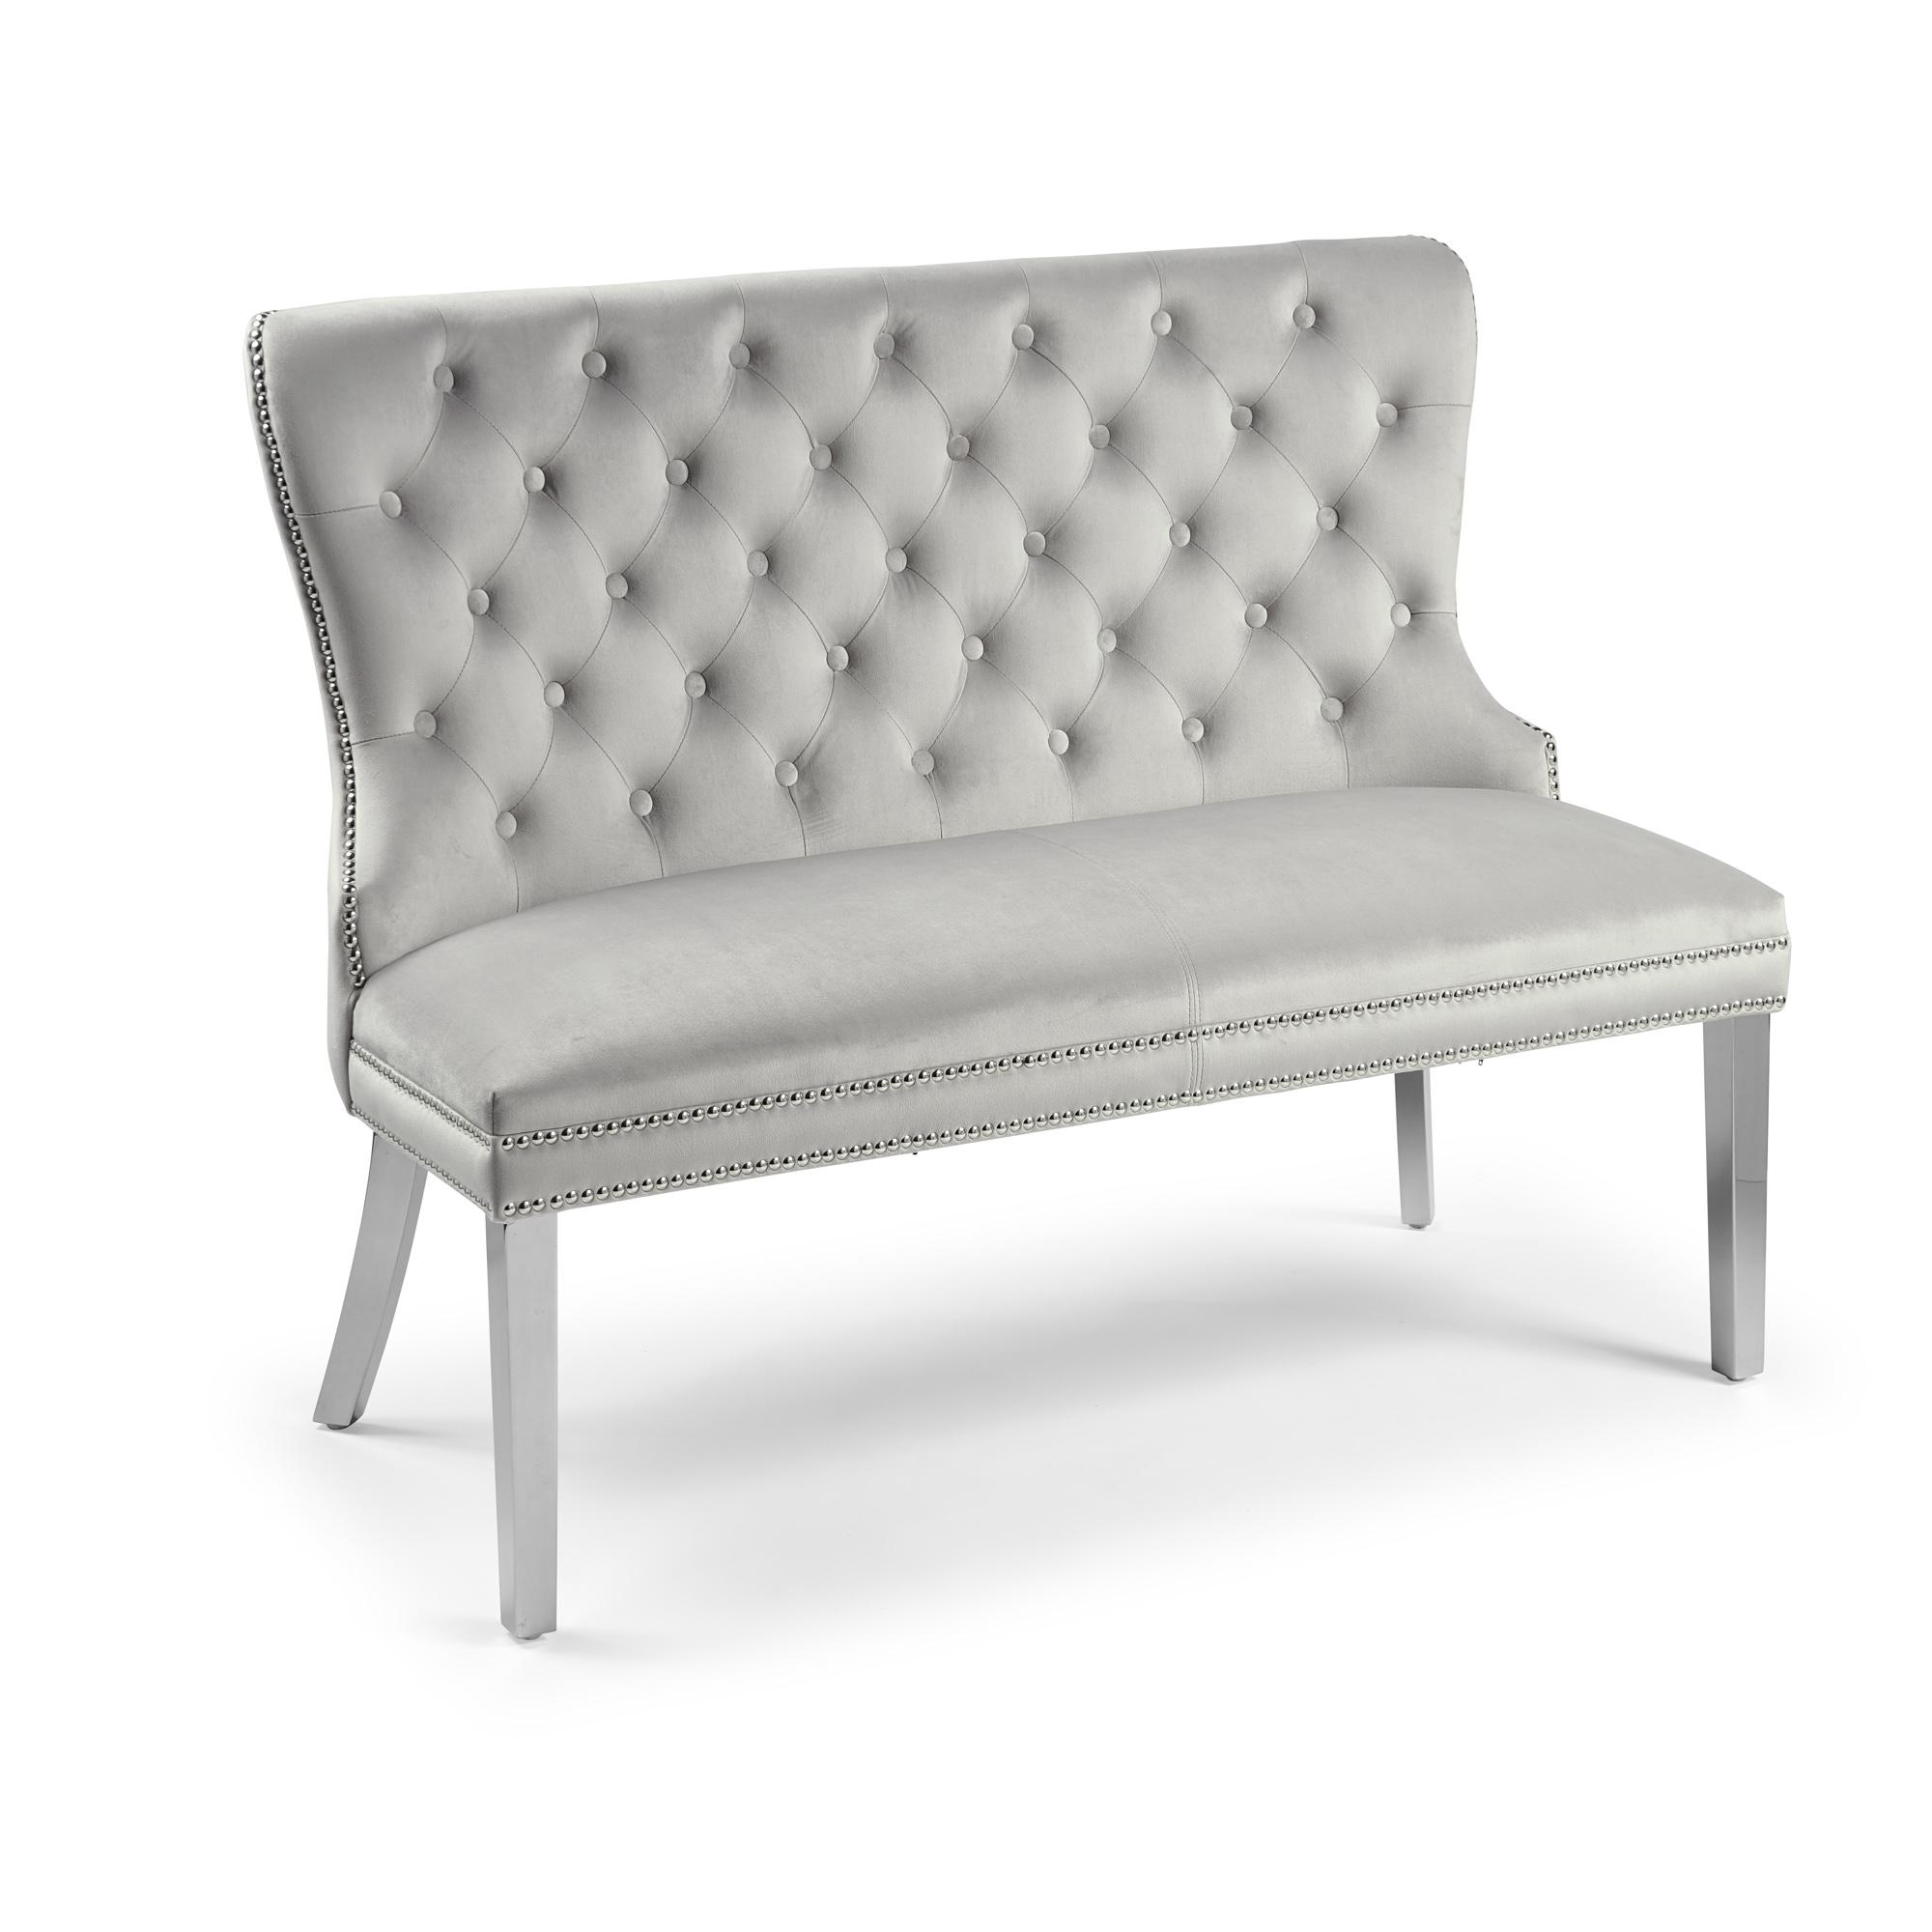 2 Seater Dove Grey Brushed Velvet Upholstered Dining Bench